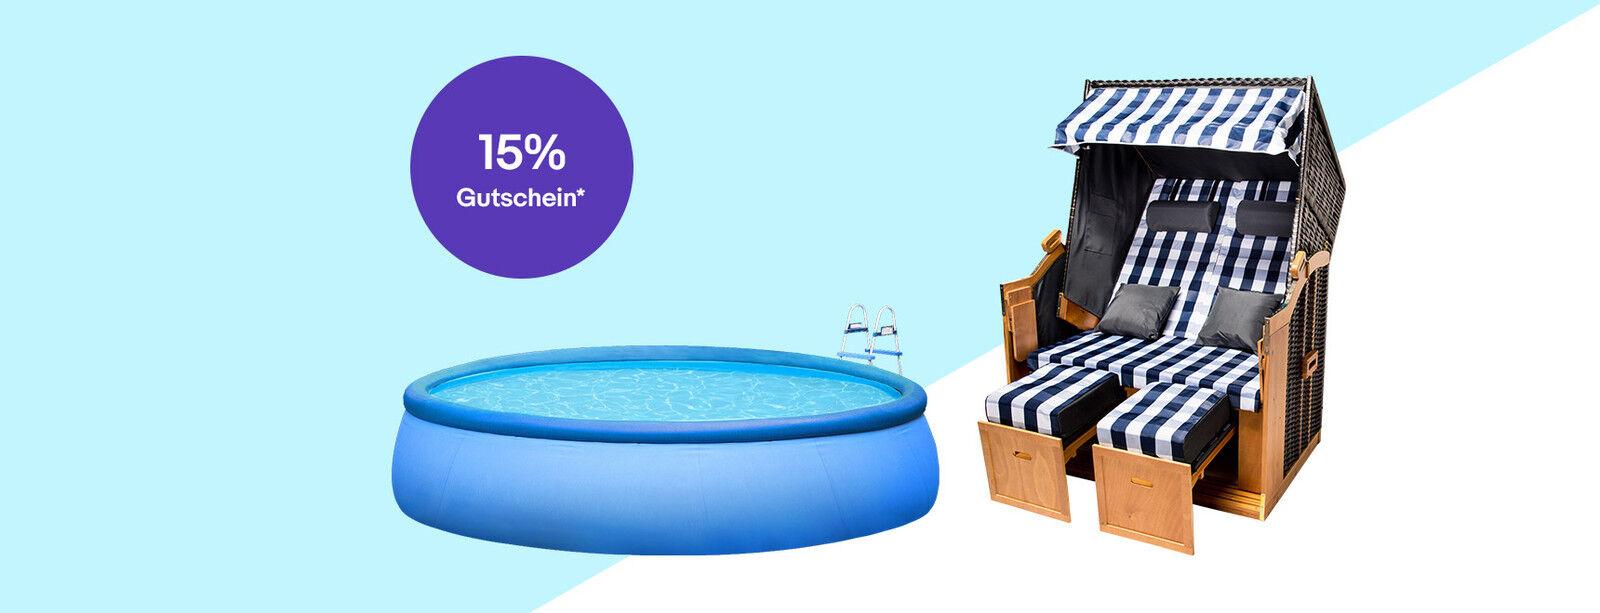 Finde deinen Sommer mit -15%*